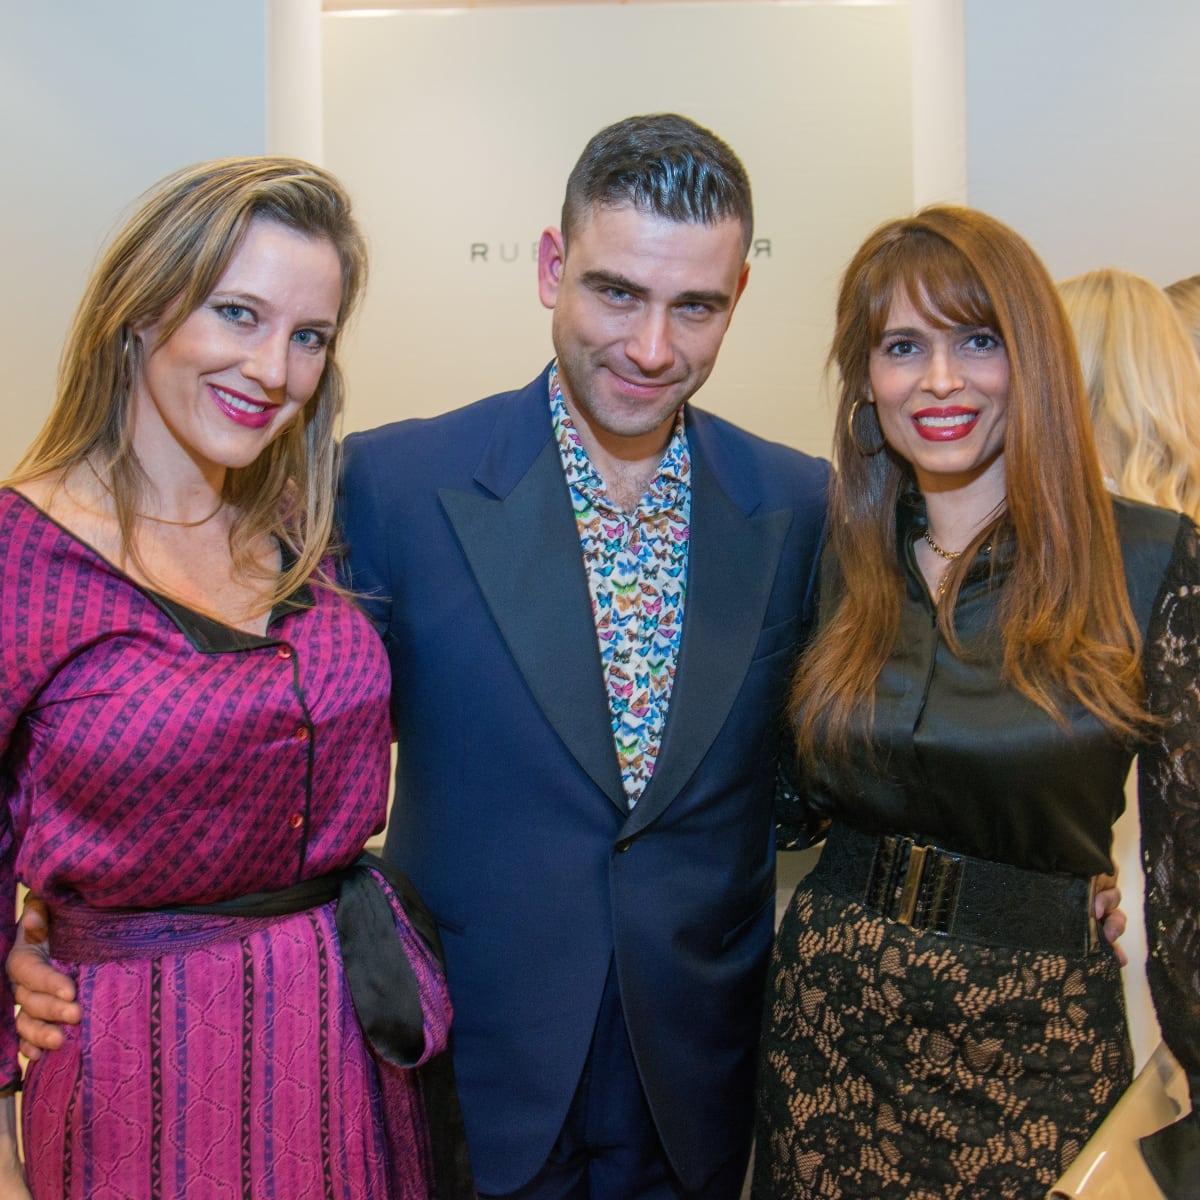 Sally Lechin, Rubin Singer, Karina Barbieri at Dress for Dinner